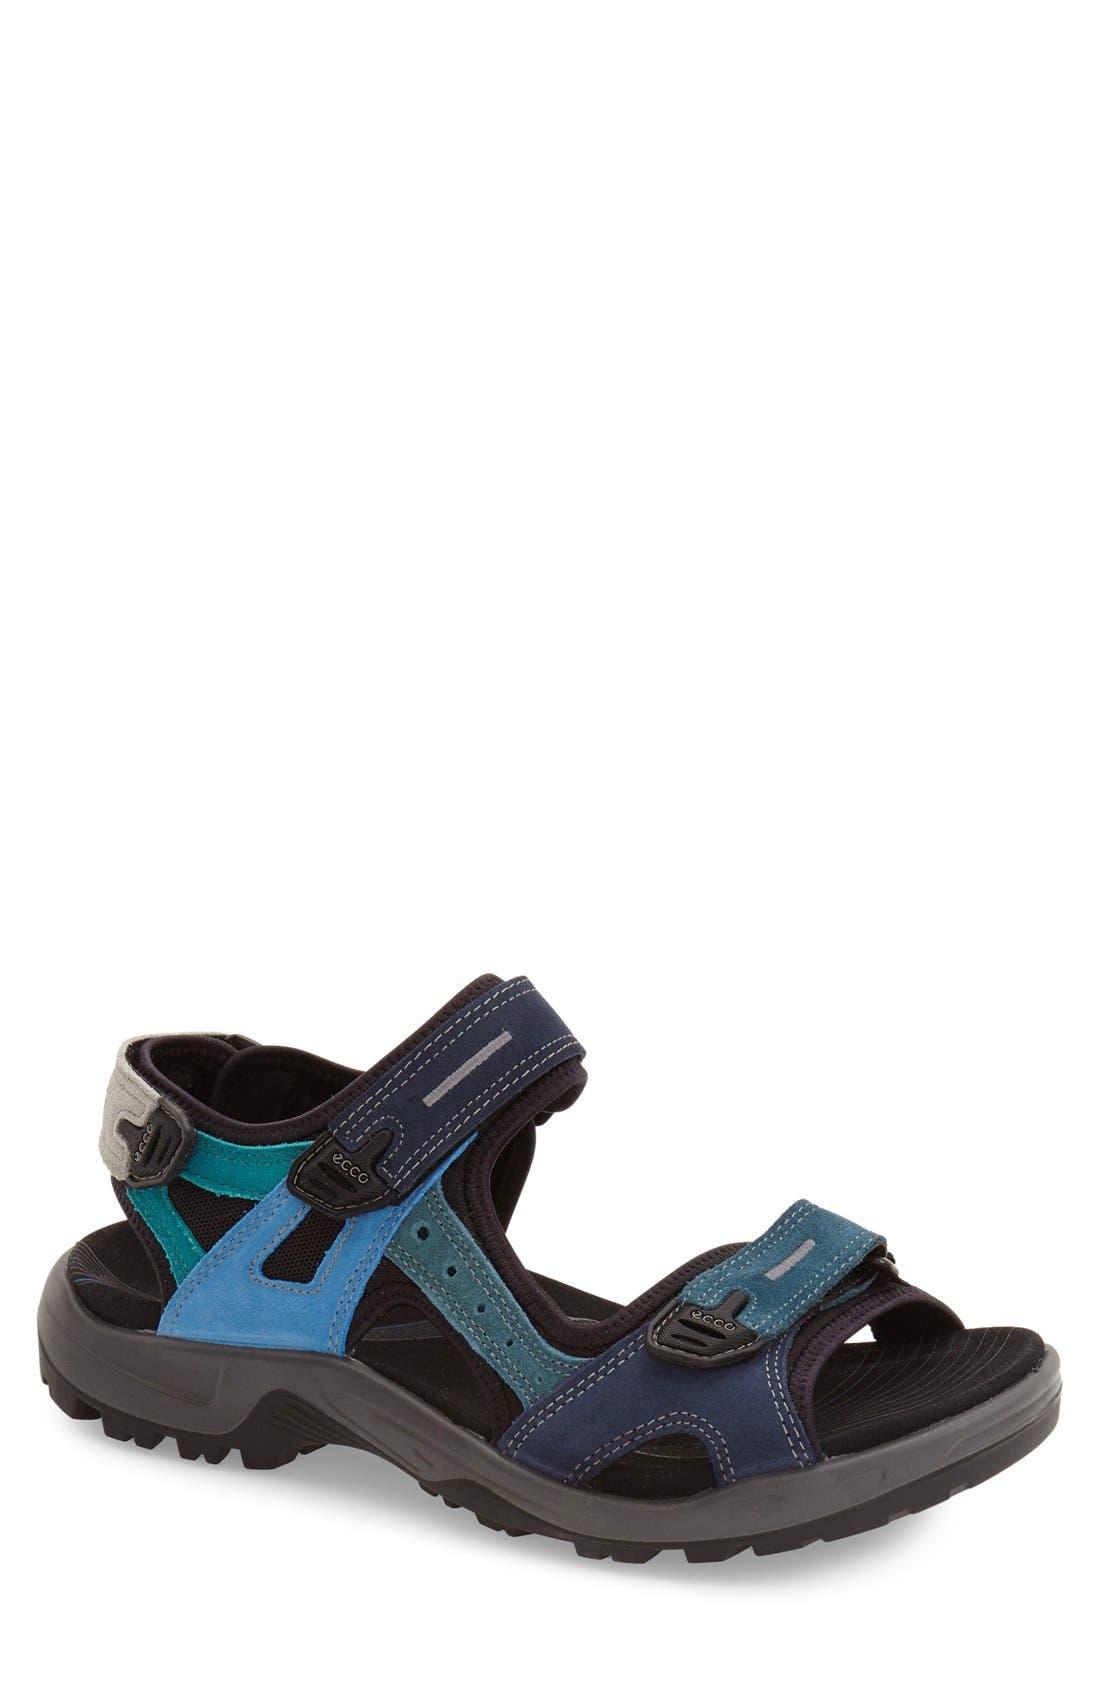 'Yucatan' Sandal, Main, color, 400